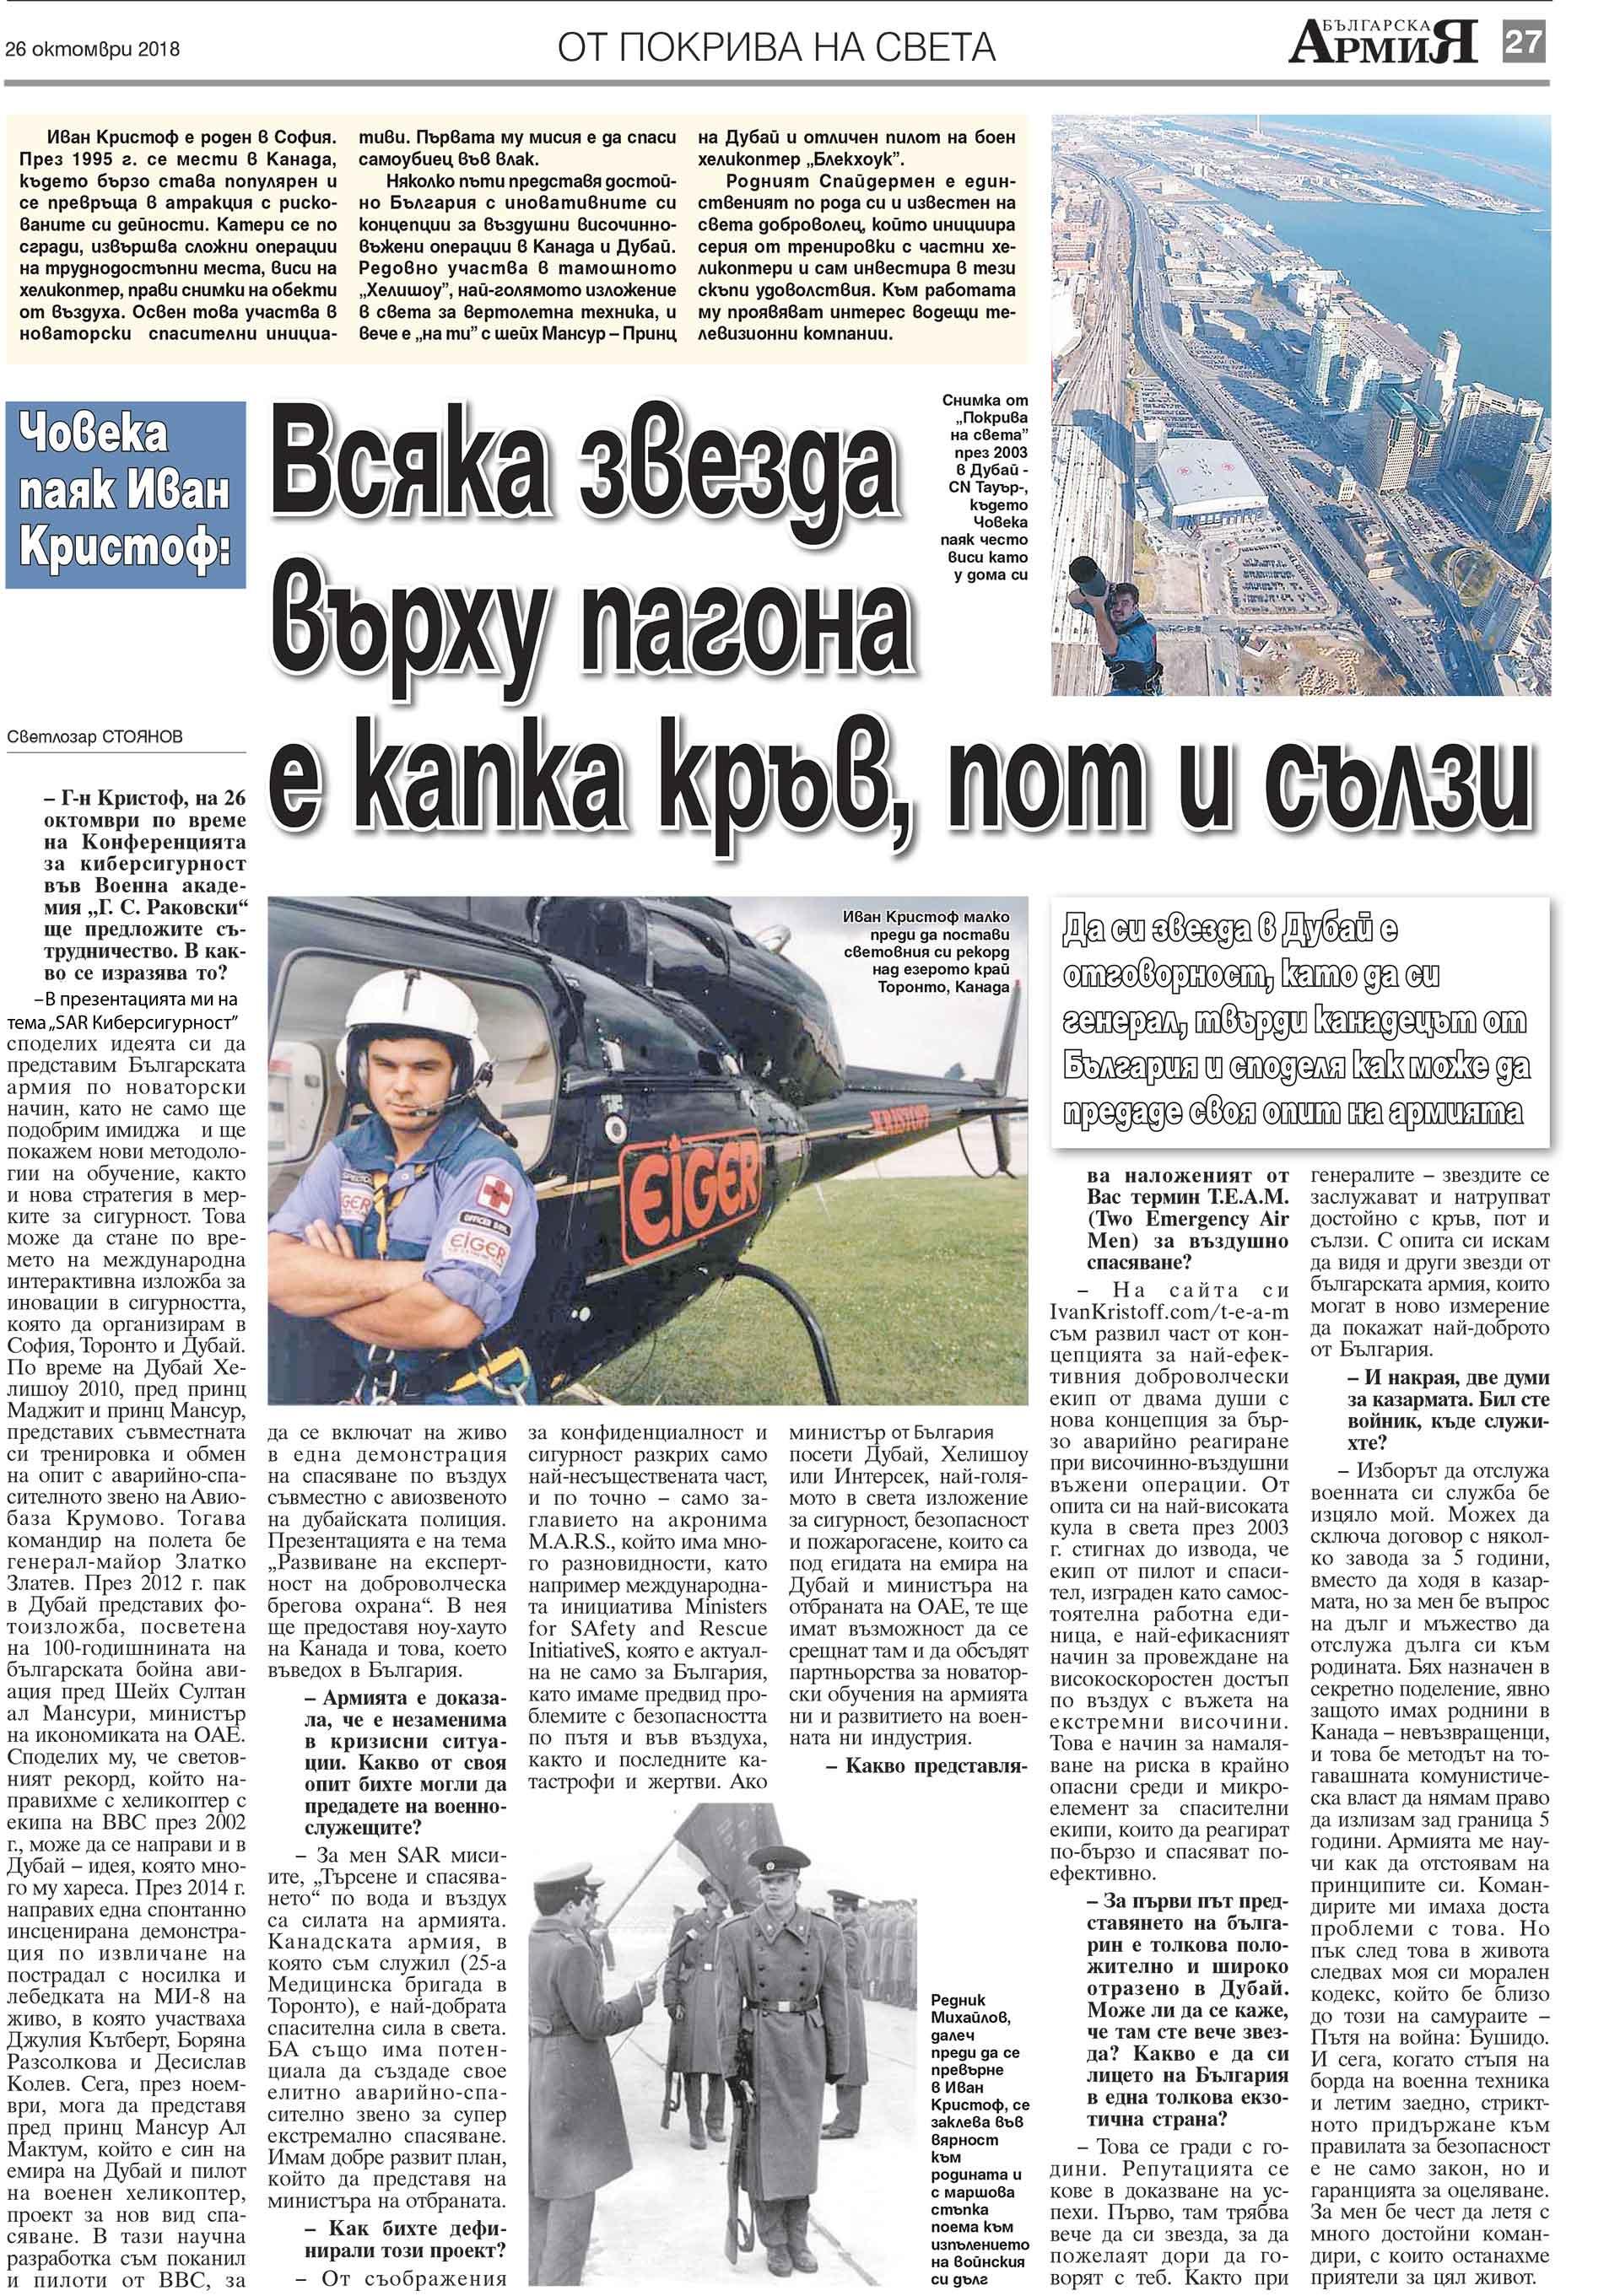 """Снимка от """"Покрива на света"""" а света"""" през 2003 през 2003 в Торонто - CN Тауър-, където Човека паяк виси като у дома си с пилотския екип и емблемата на ВВС"""